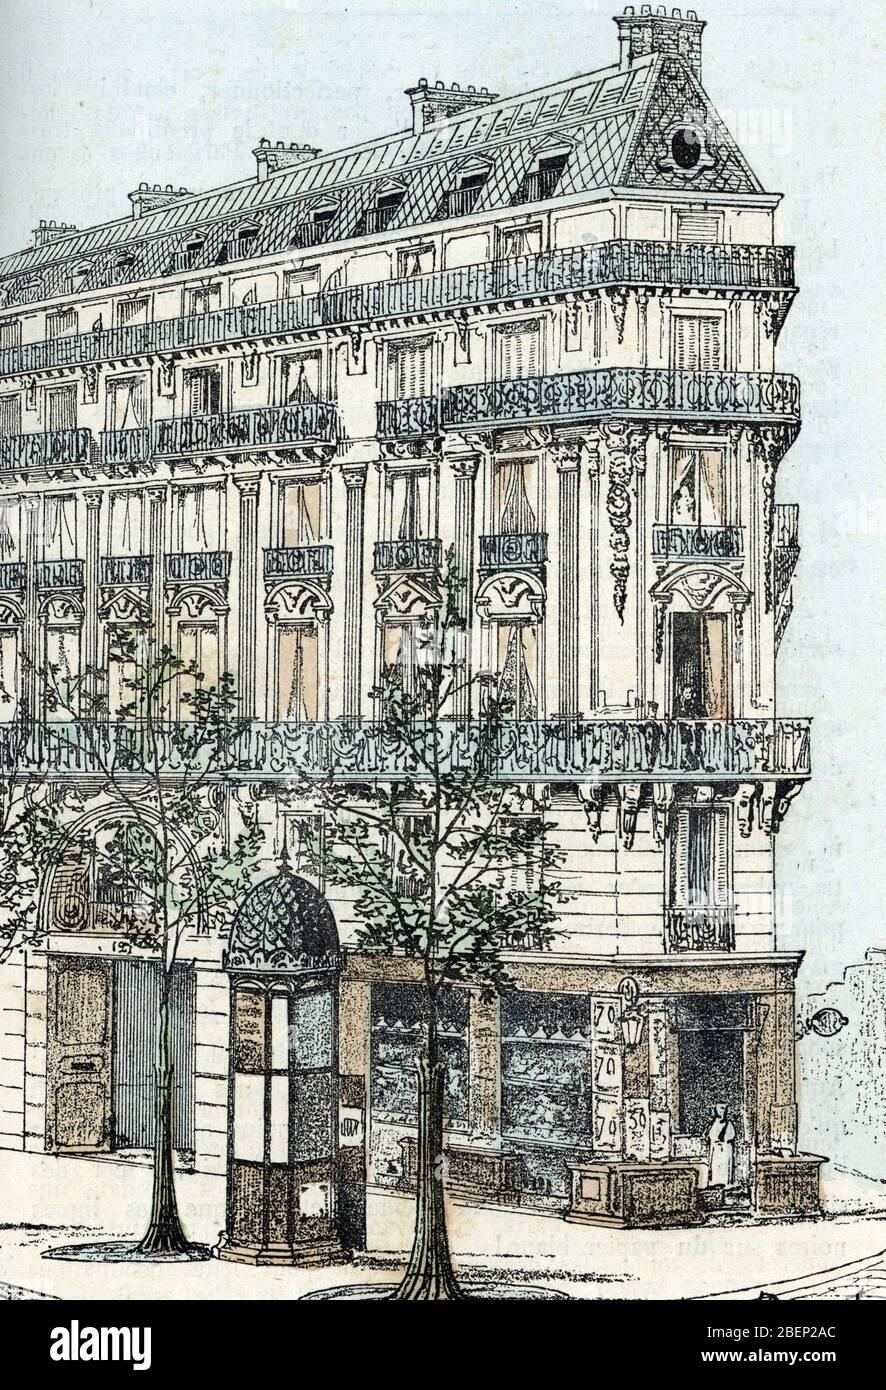 Vue d'une habitation parisienne de type hausmannien, immeuble cossu (Haussmann-Gebäude in Paris) Gravure tiree de 'Les besoins de la vie' de Rengade Stockfoto